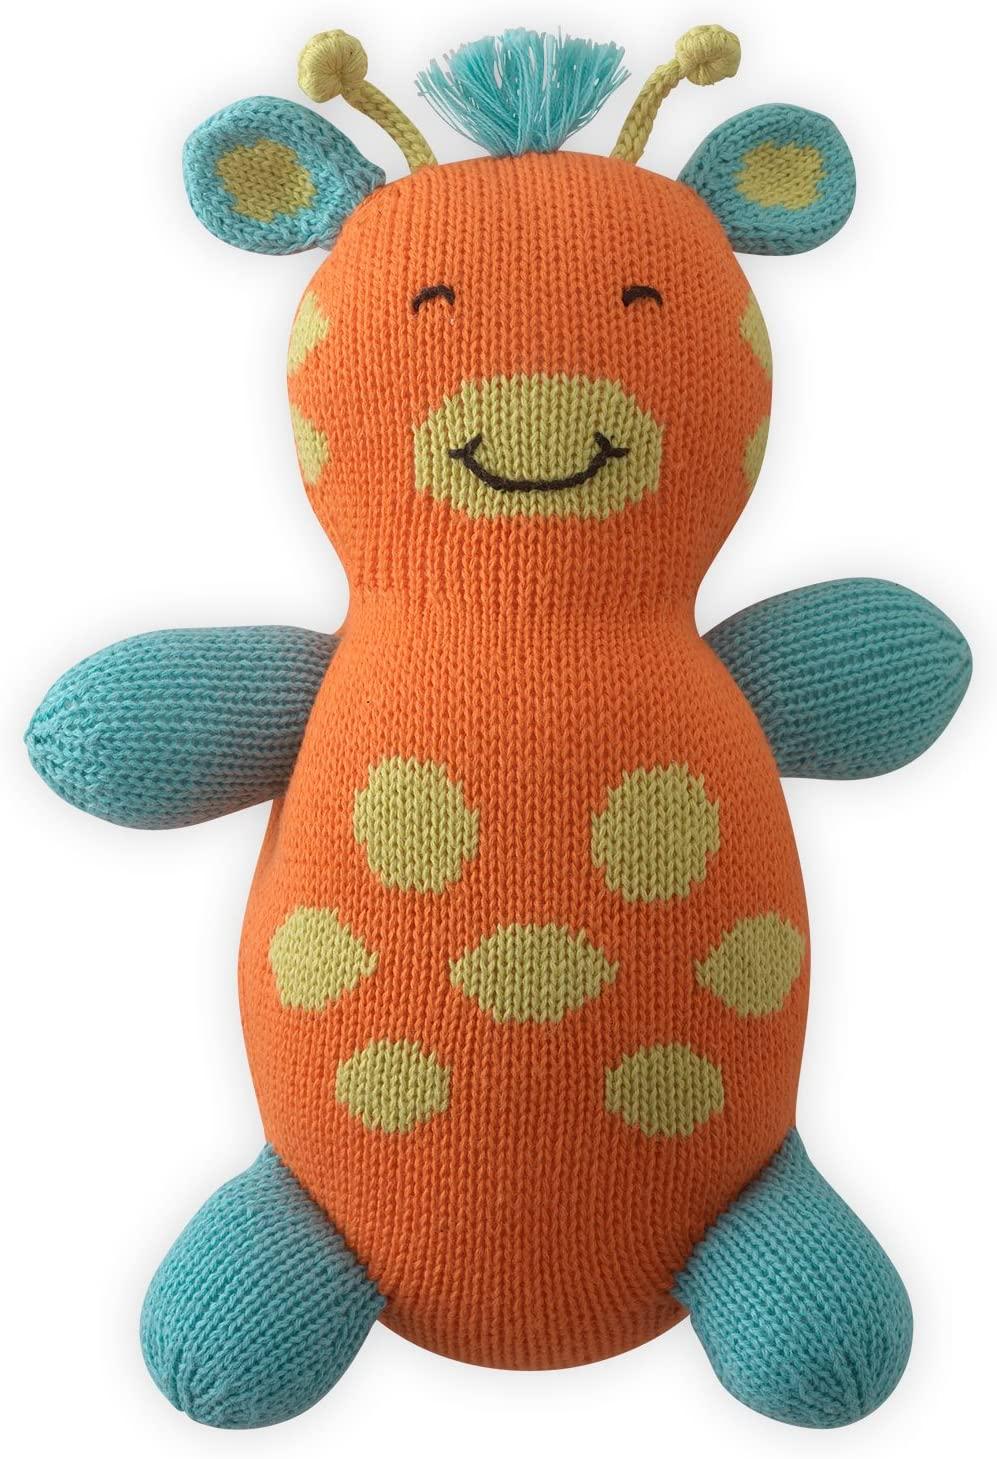 Joobles Fair Trade Organic Stuffed Animal - Jiffy The Giraffe